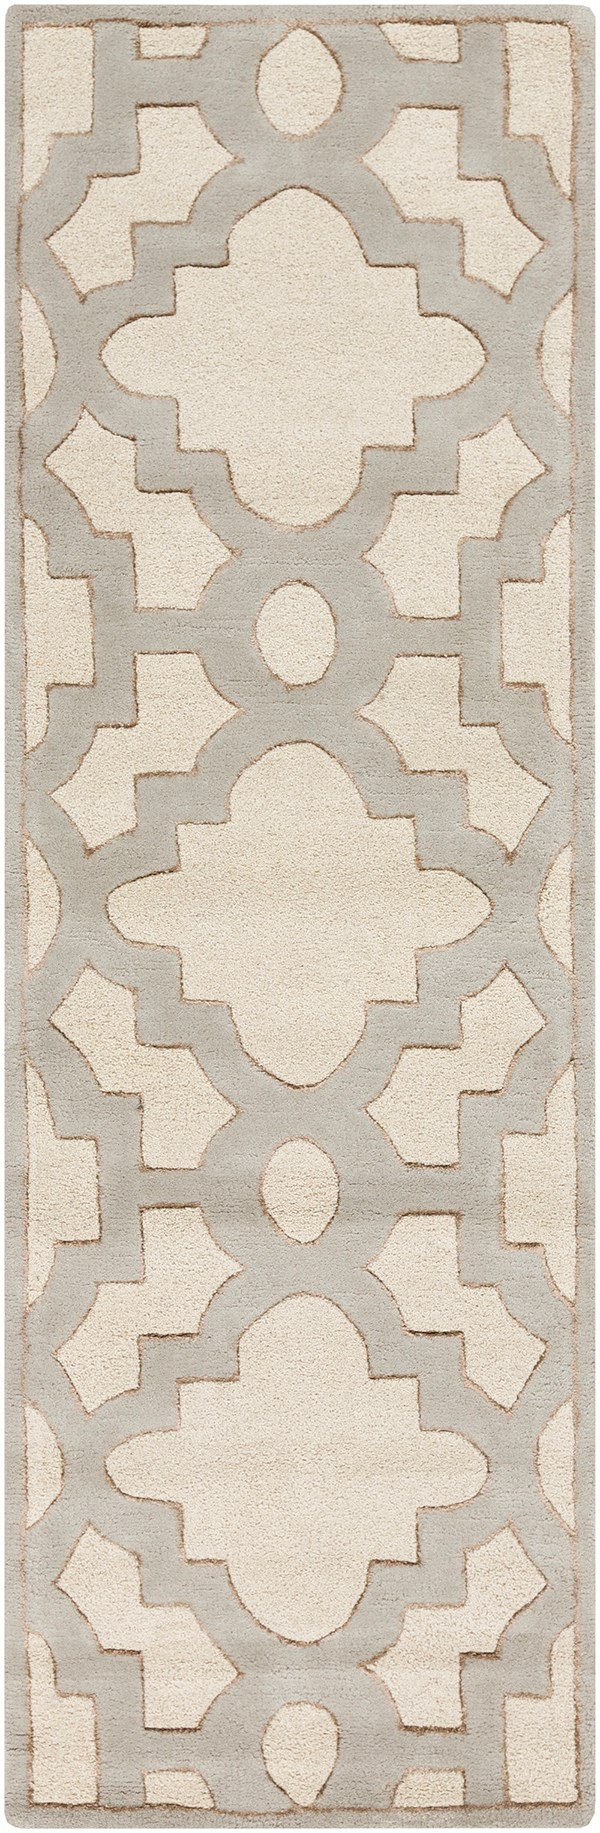 Cream, Medium Gray, Tan Moroccan Area Rug